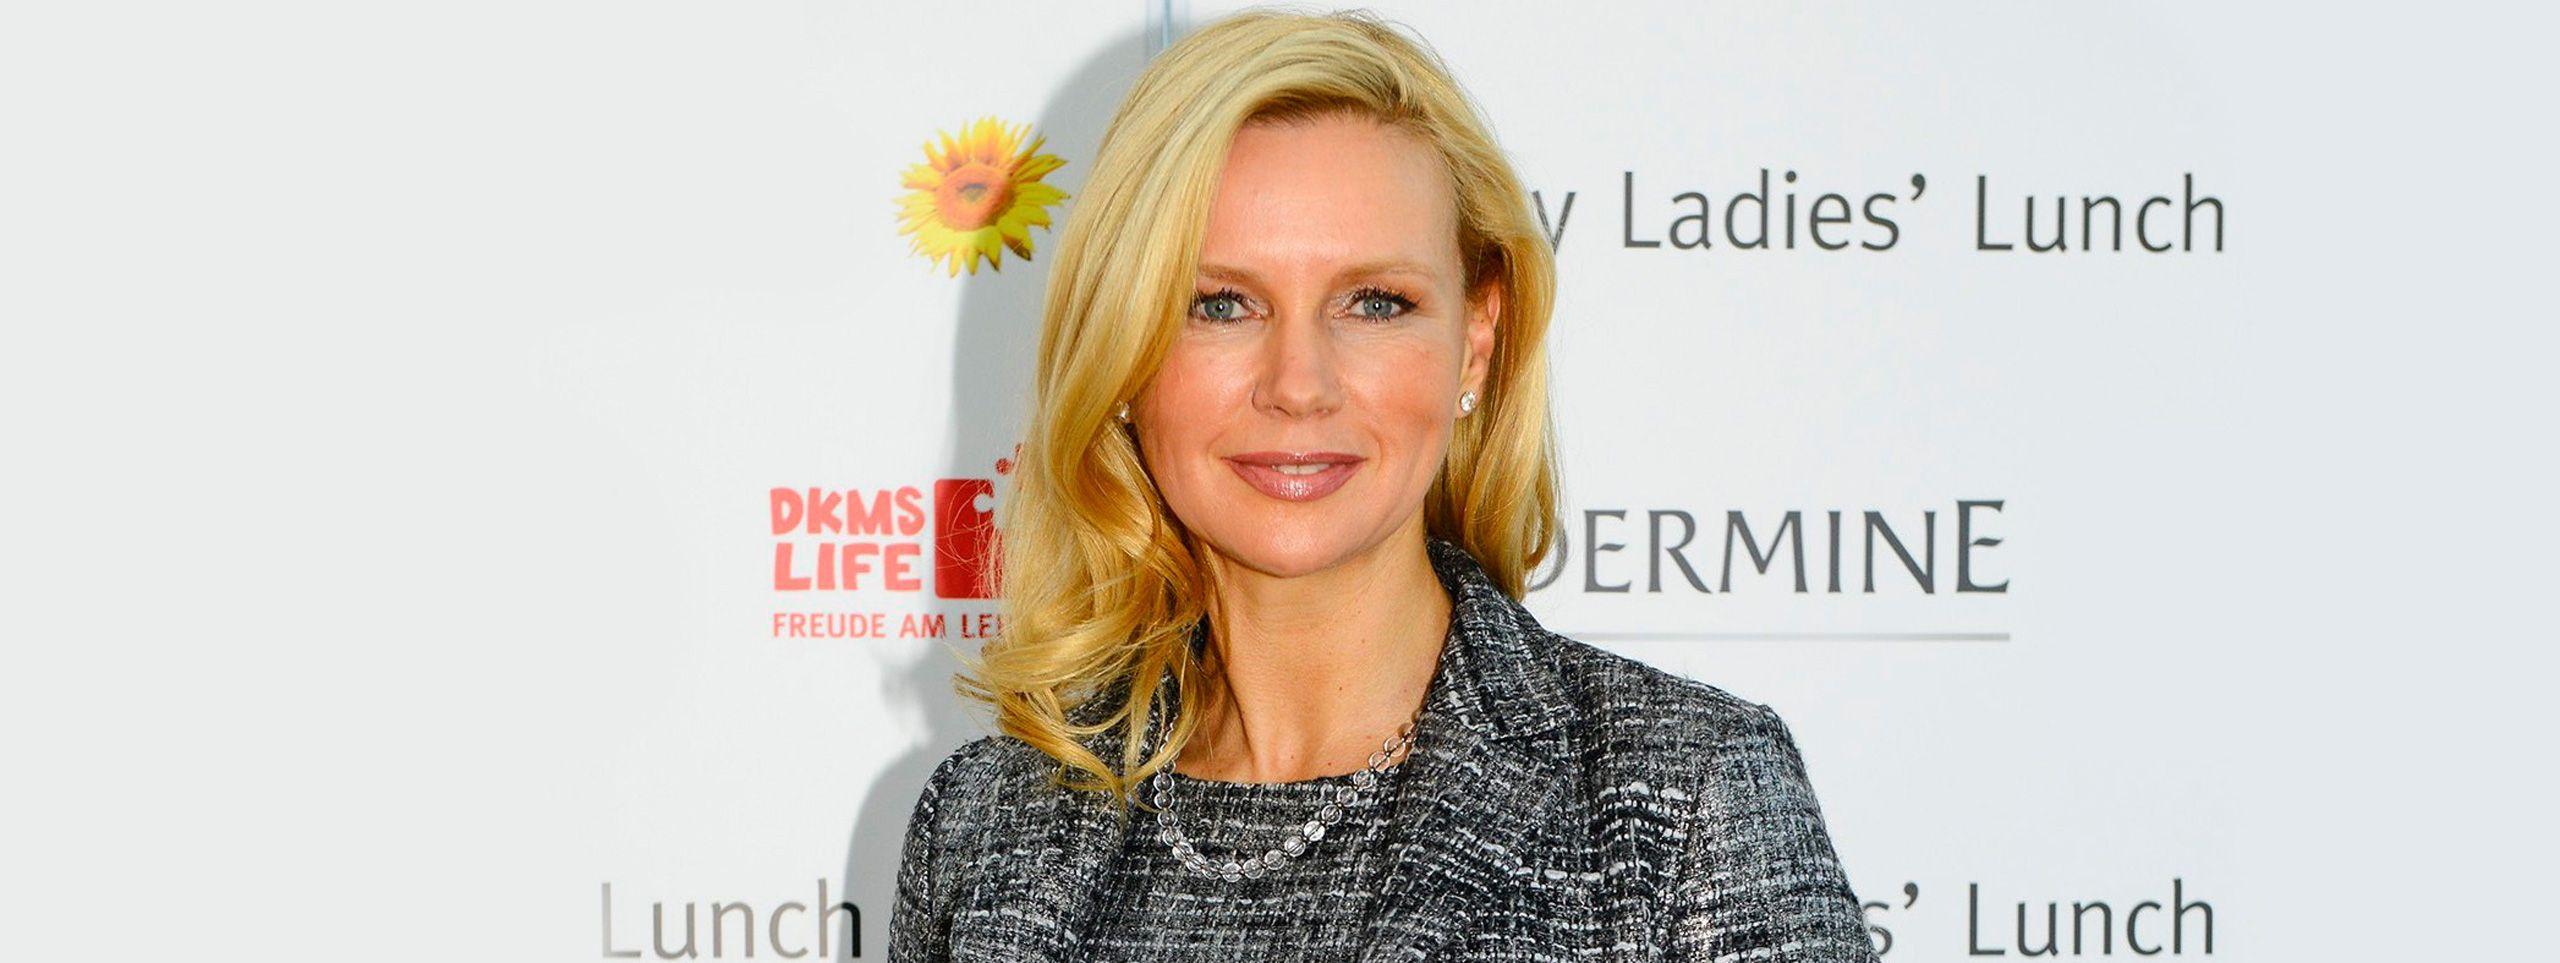 Kobieta z blond włosami średniej długości i ciemniejszymi końcówkami